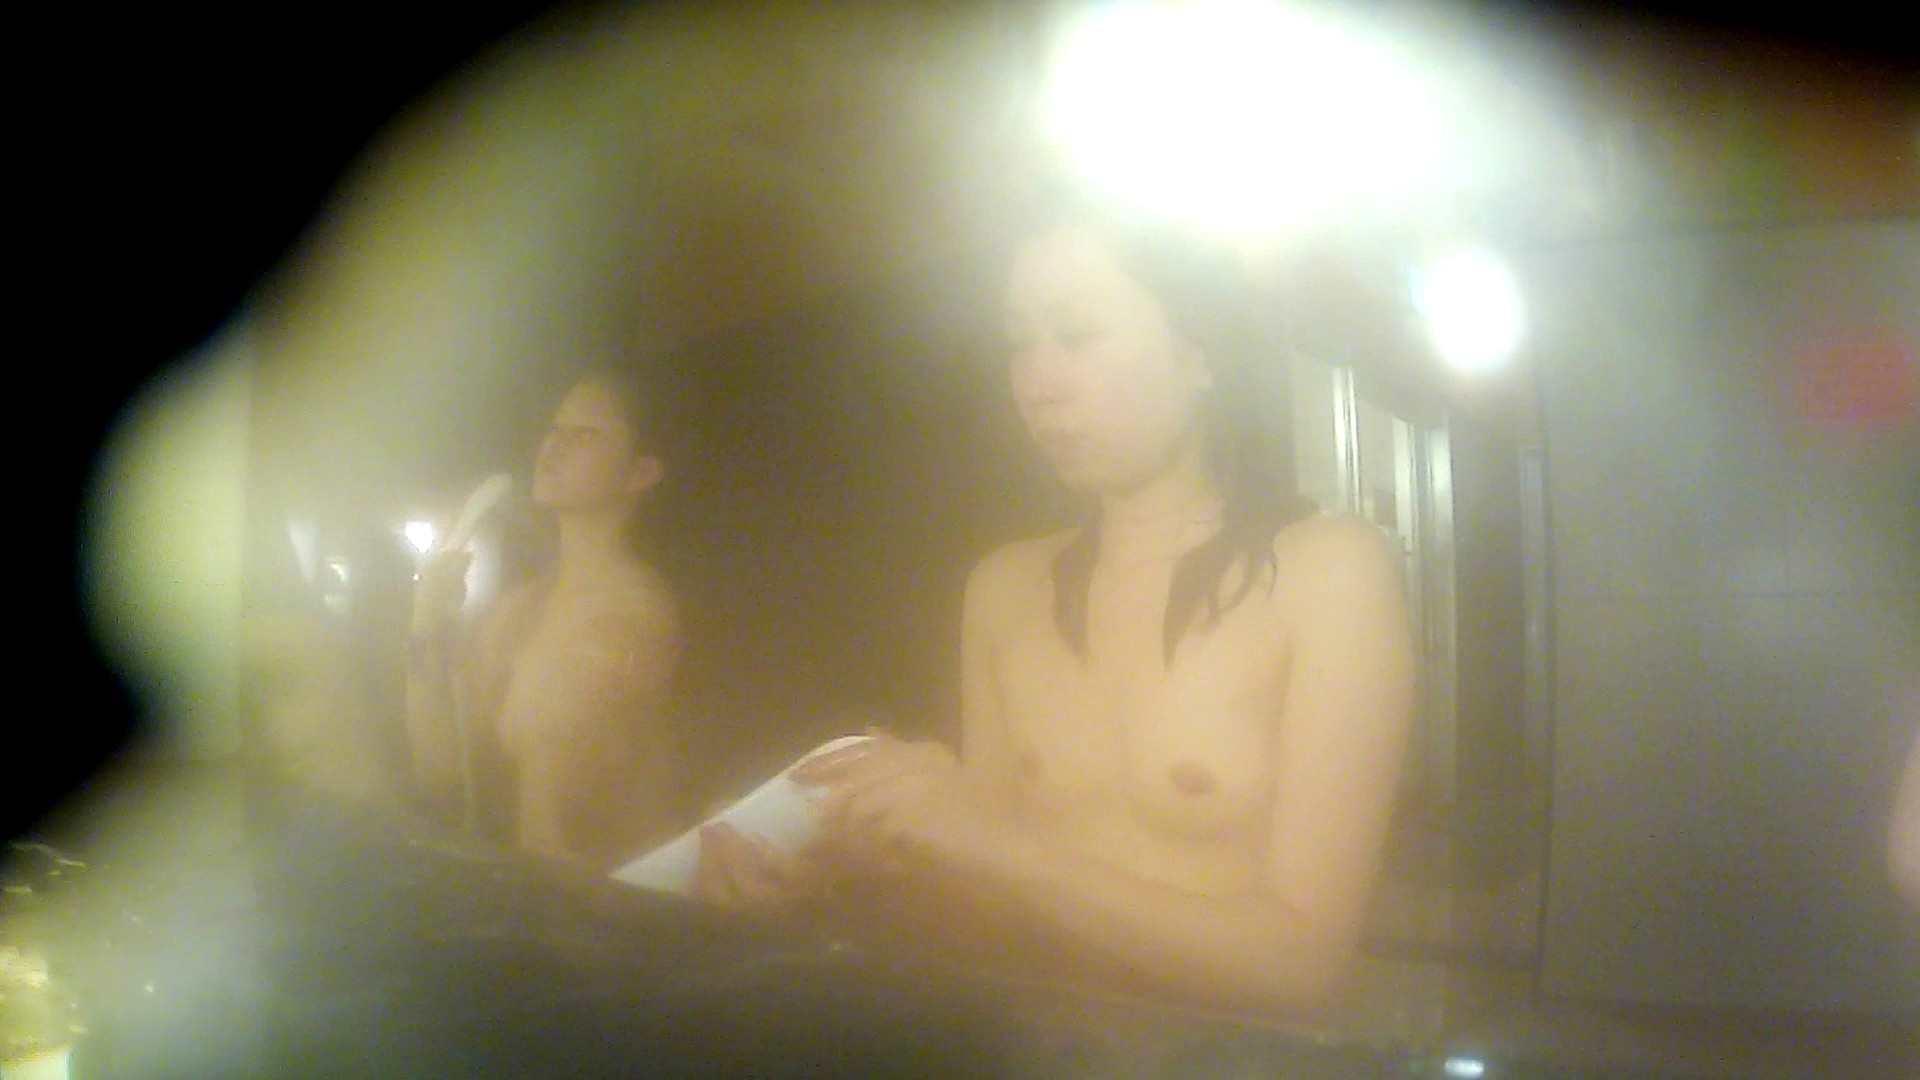 洗い場!前半のモヤを吹き飛ばす美貧乳お嬢さん 銭湯 覗きおまんこ画像 69PIX 35